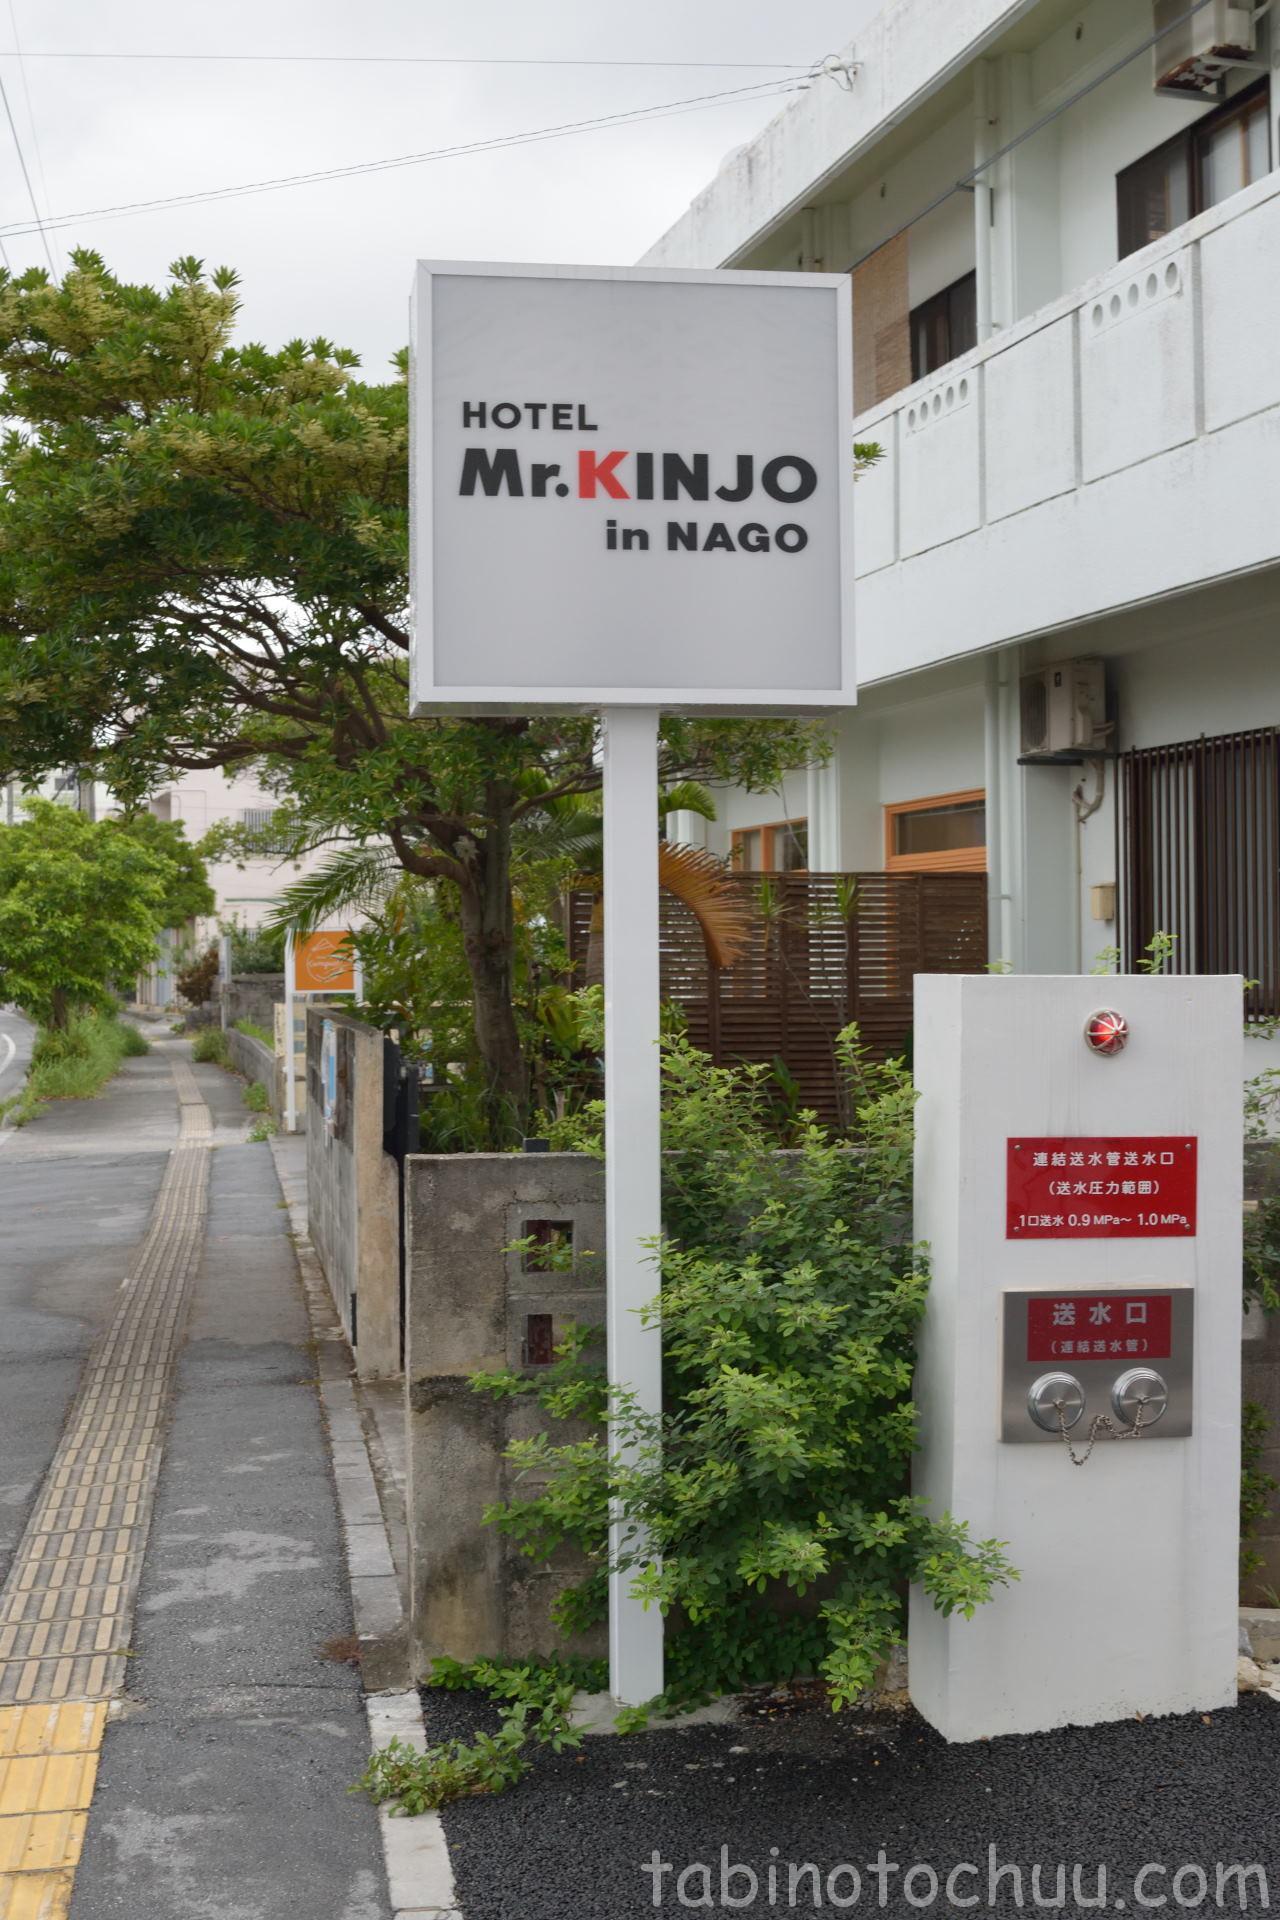 Mr.Kinjo in Nago 看板